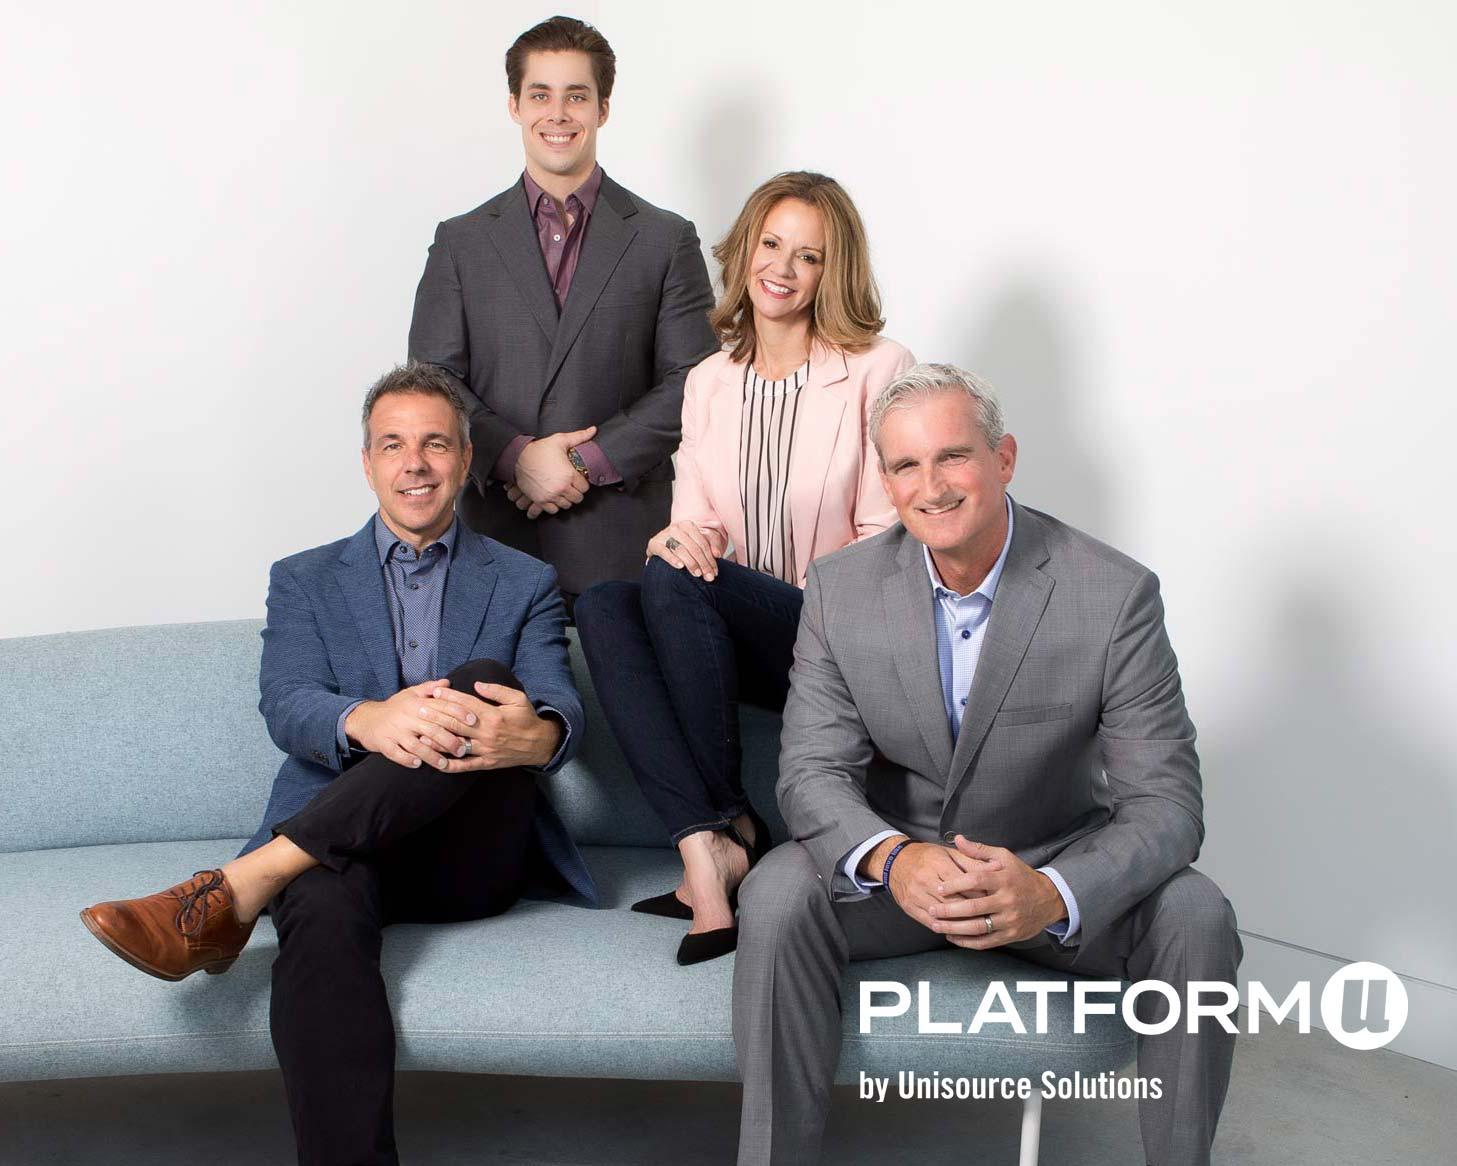 Platform-u_team-web-1